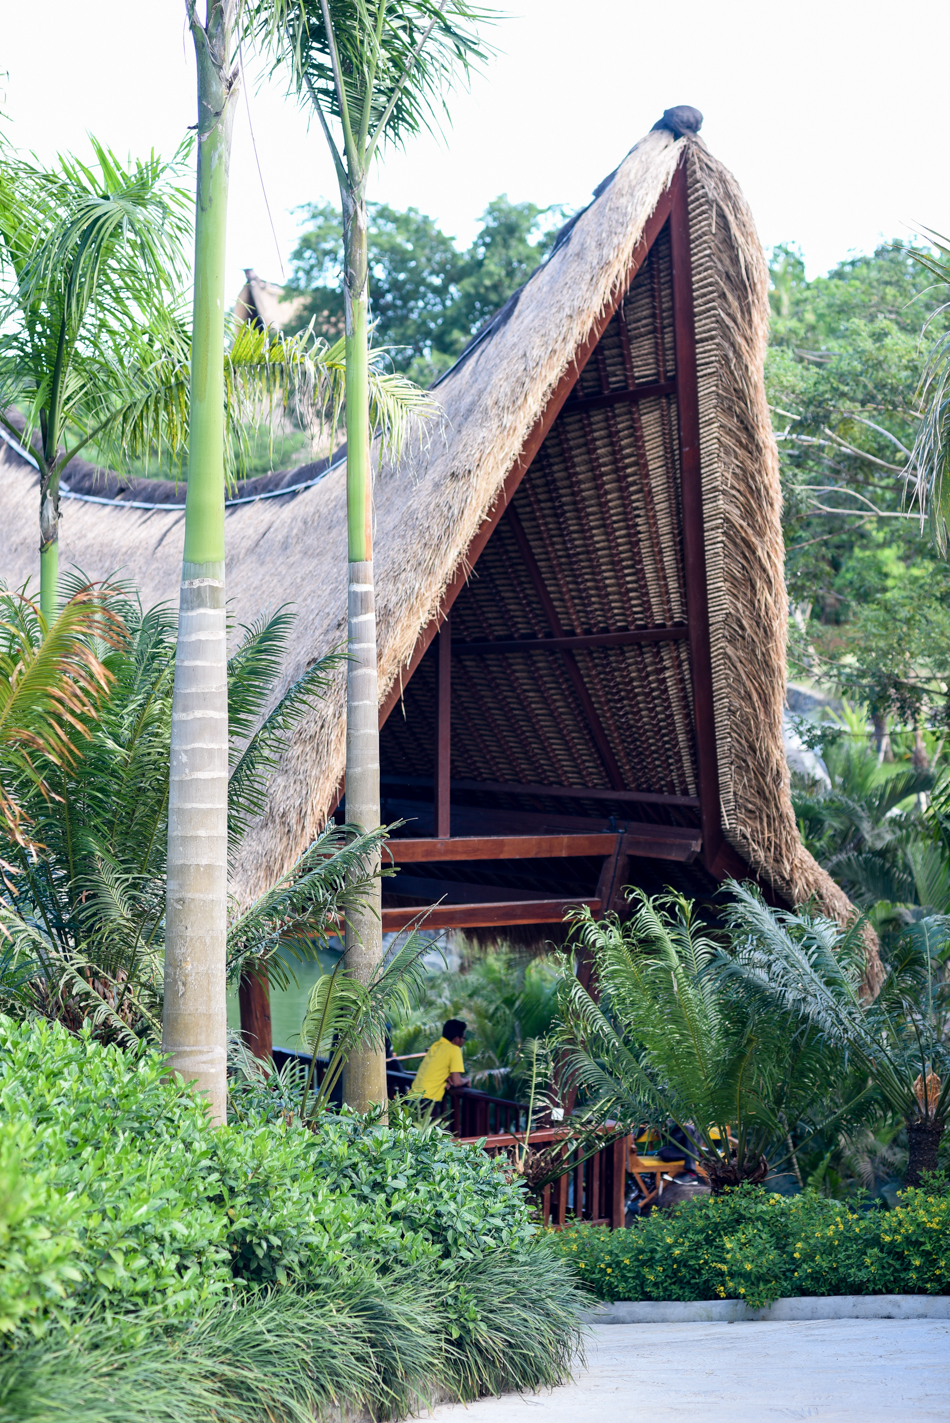 Bali-Honeymoon-Travel-AnaisStoelen-99.jpg